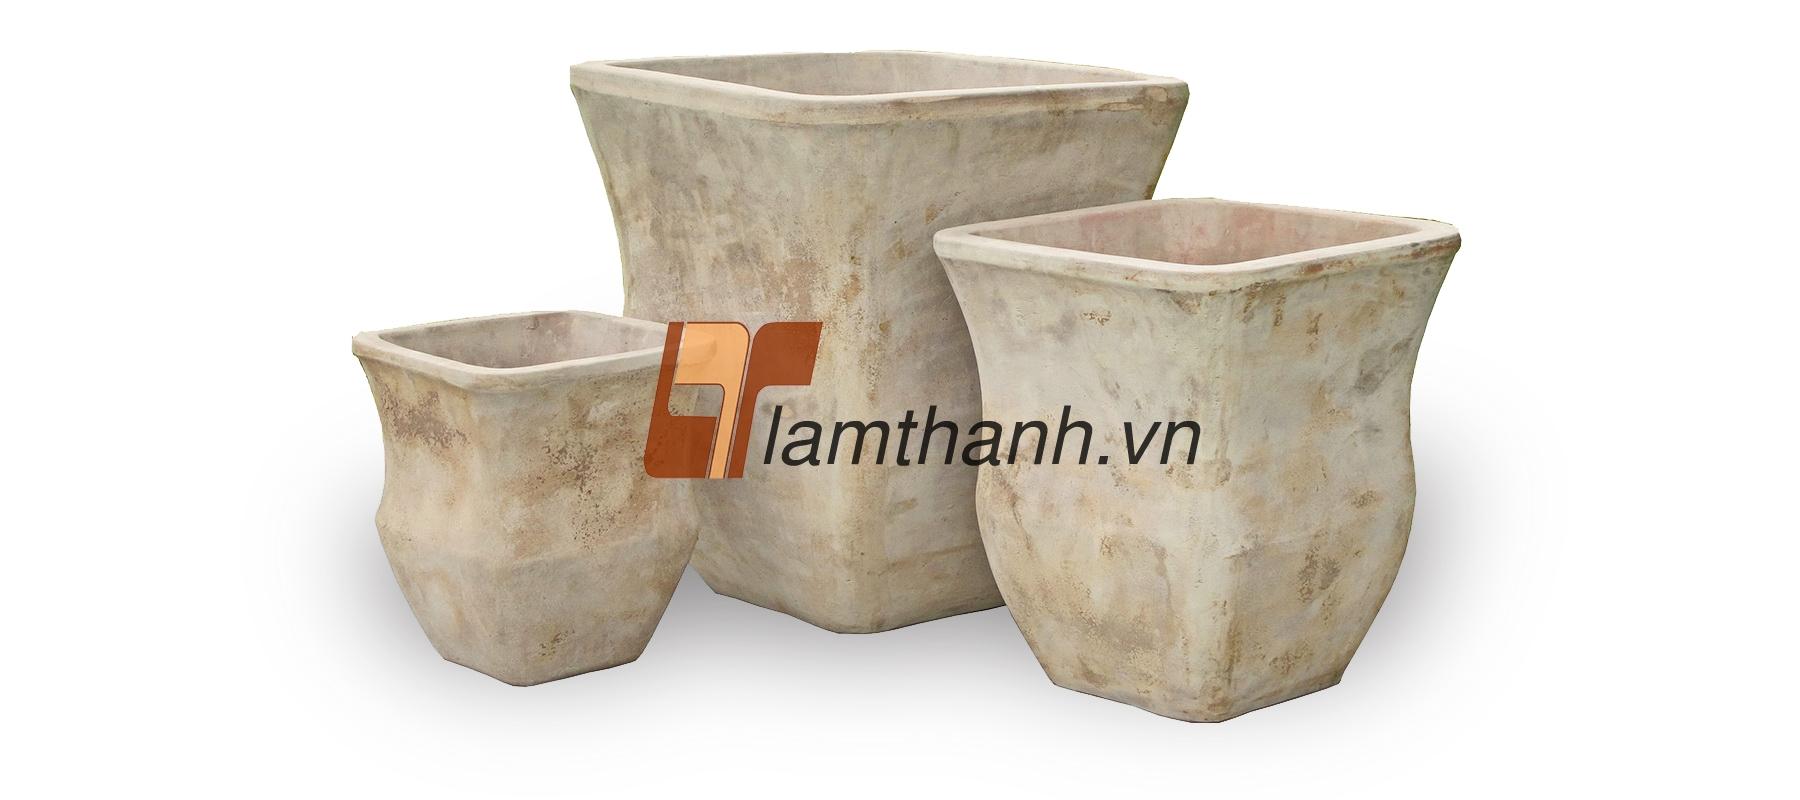 vietnam terracotta, ceramics 05